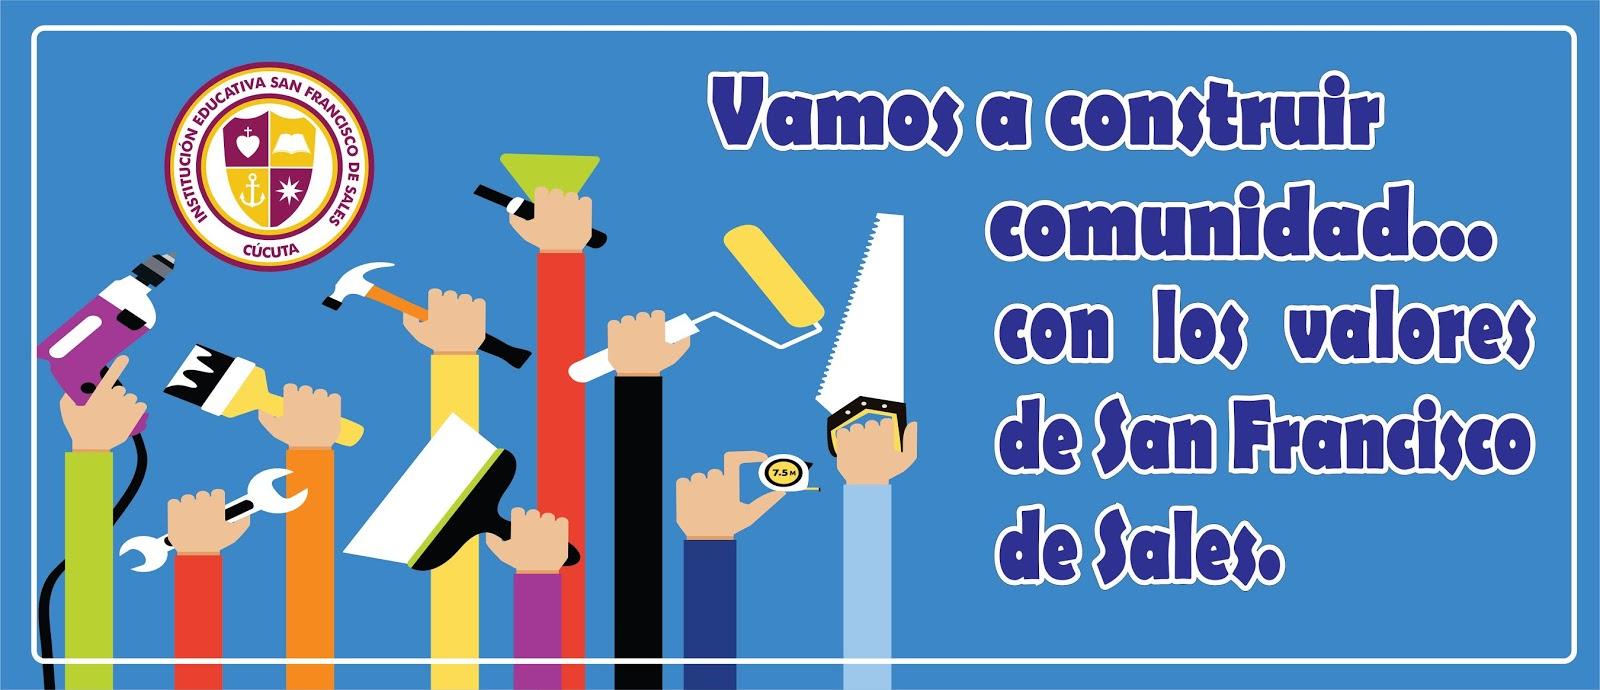 CONSTRUYAMOS COMUNIDAD